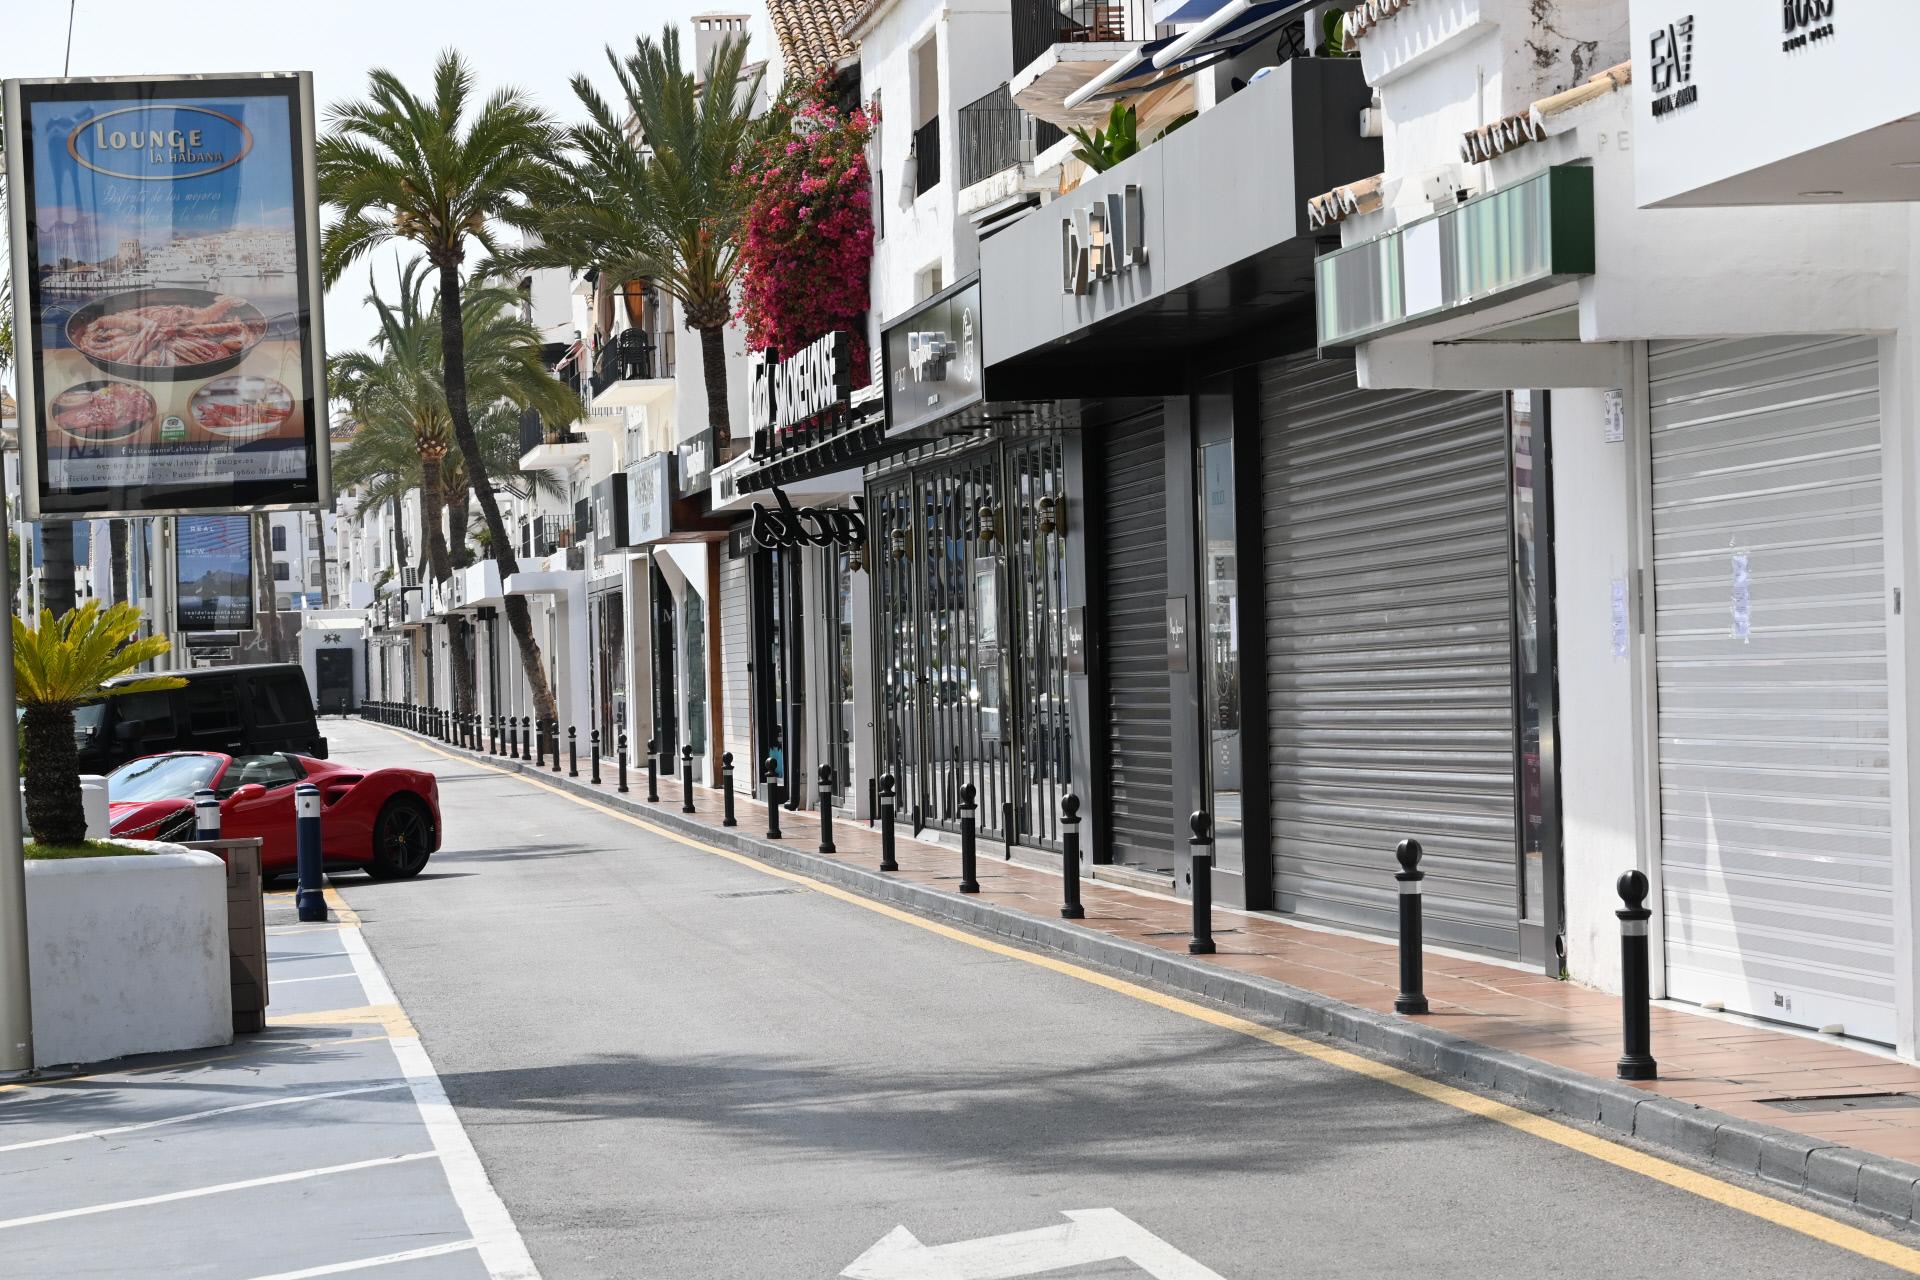 Locales cerrados en una calle de Marbella, Málaga / Gtres